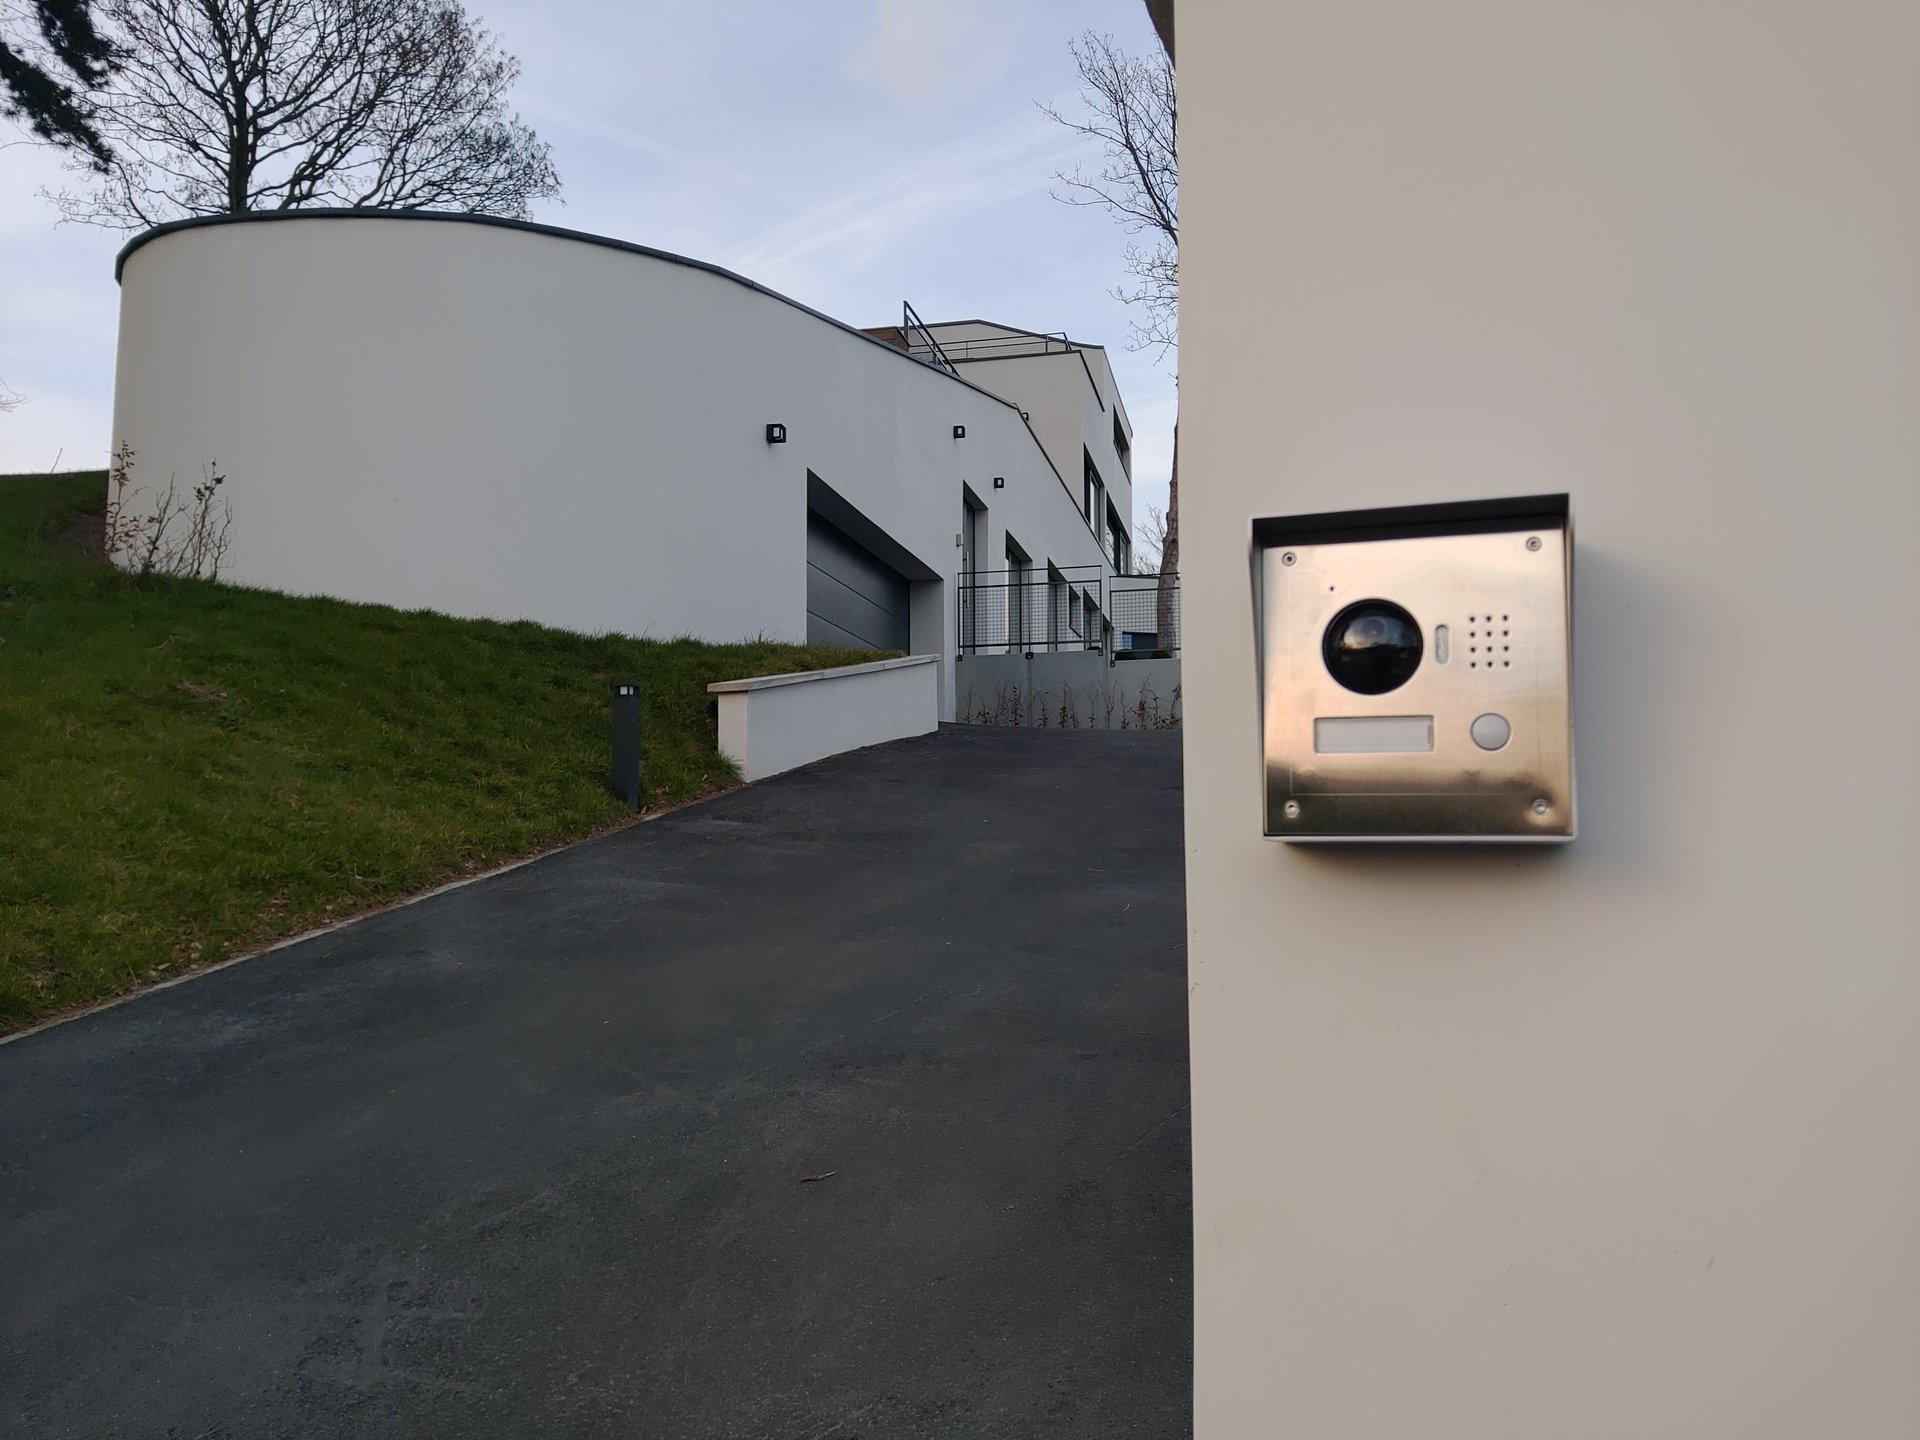 alarme plus controle acces portier vidéo extérieur liege belgique